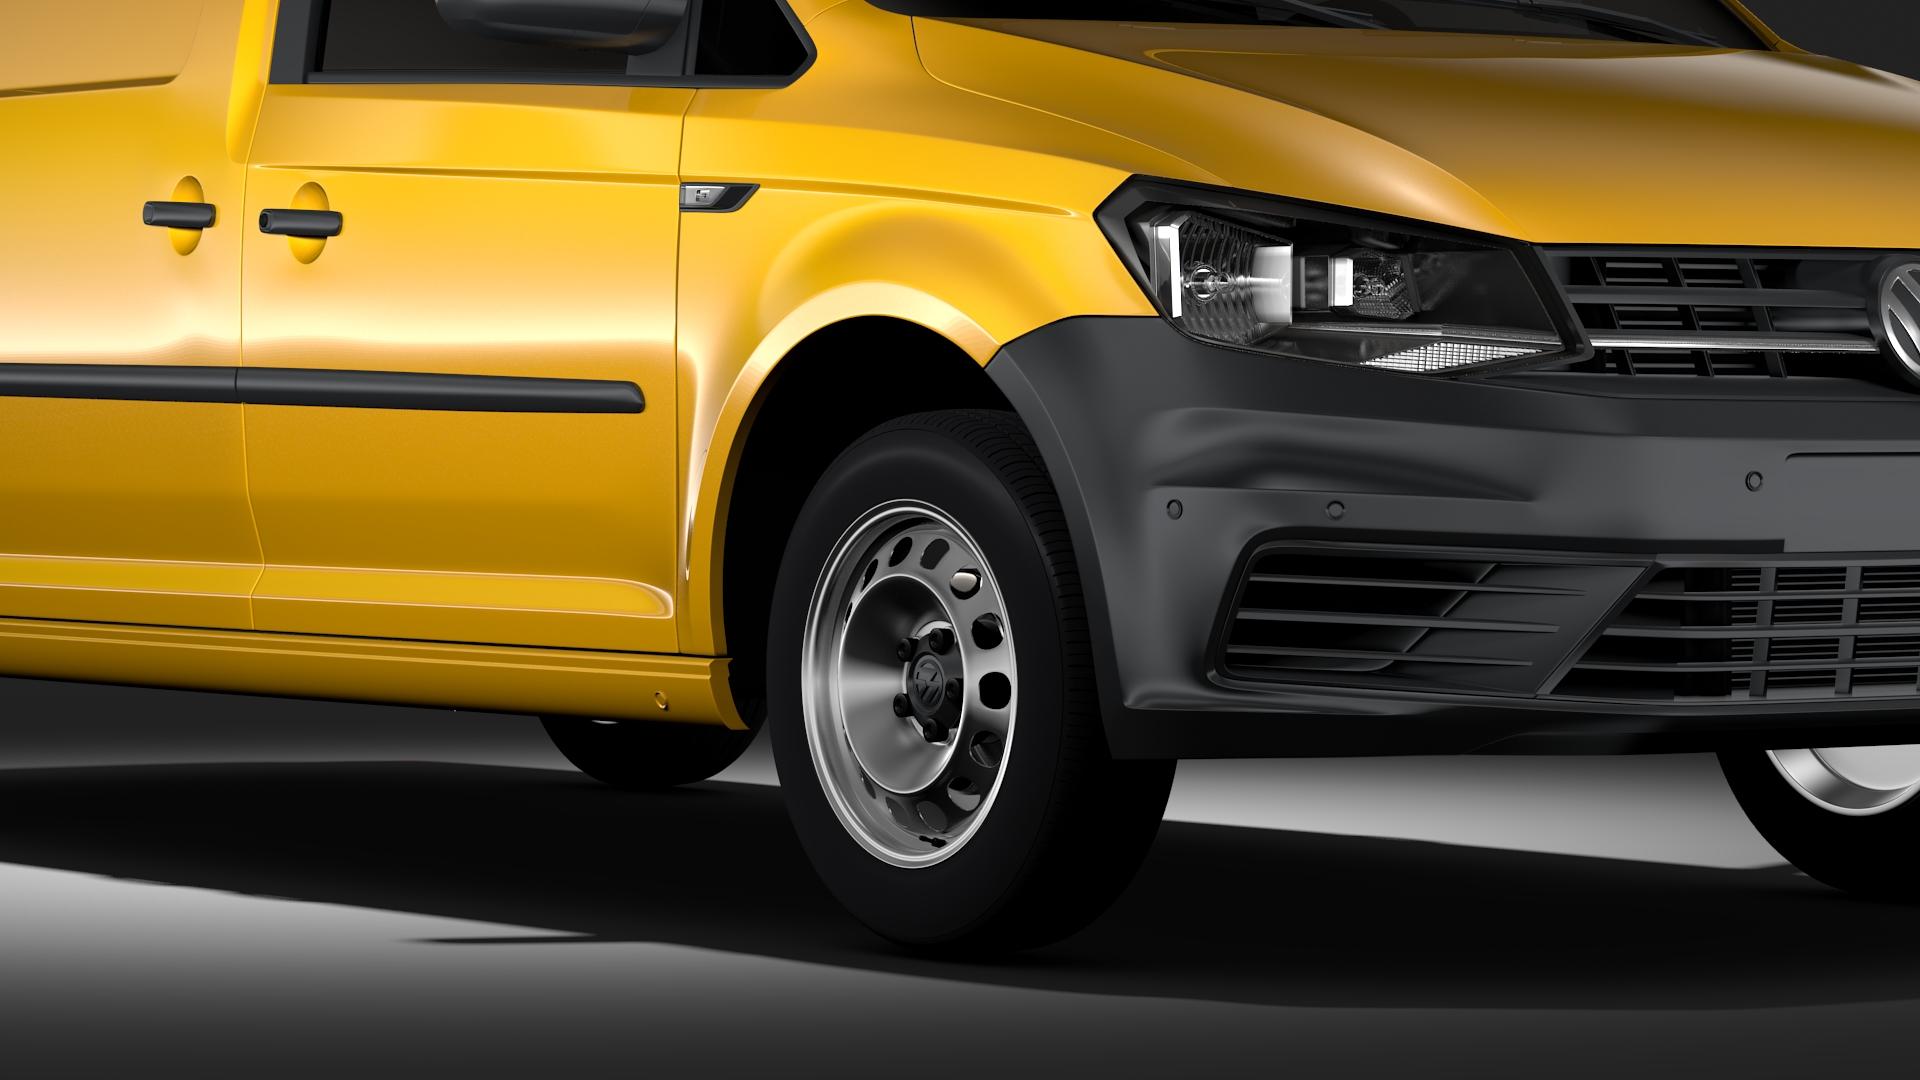 volkswagen caddy panel van l2 2017 3d model max fbx c4d lwo ma mb hrc xsi obj 274602